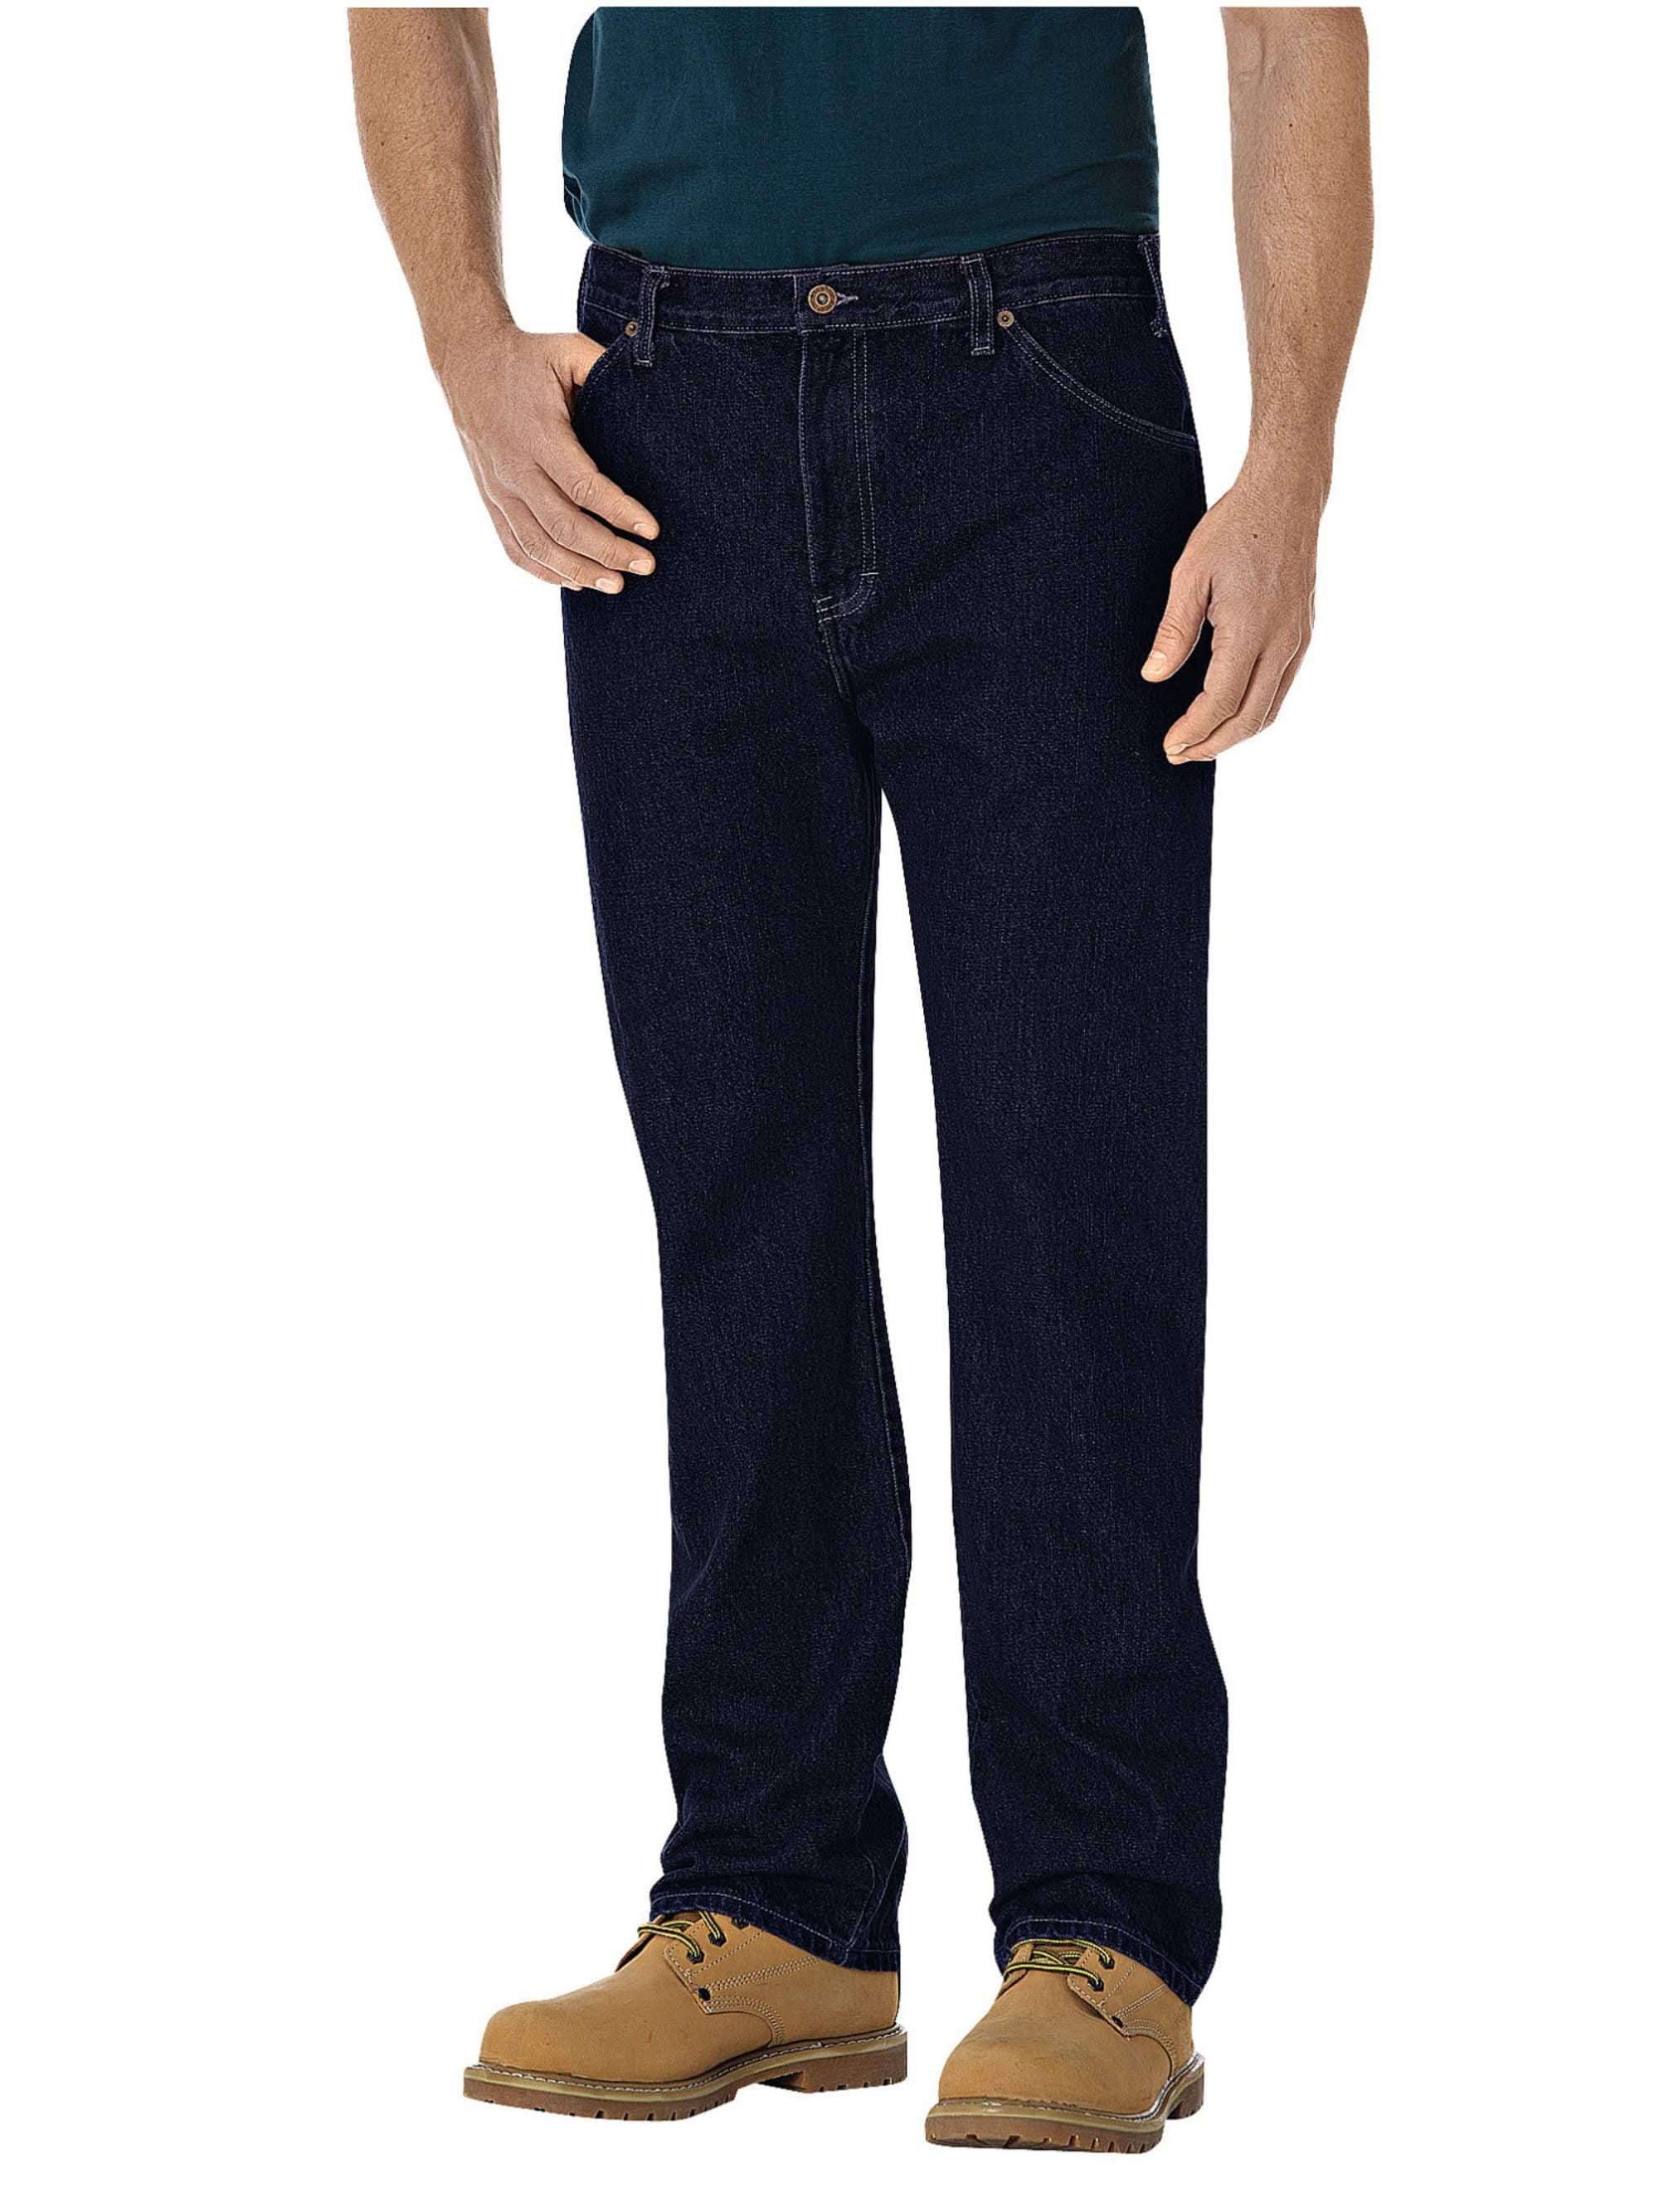 Big Men's 6-Pocket Regular Fit Denim Jean